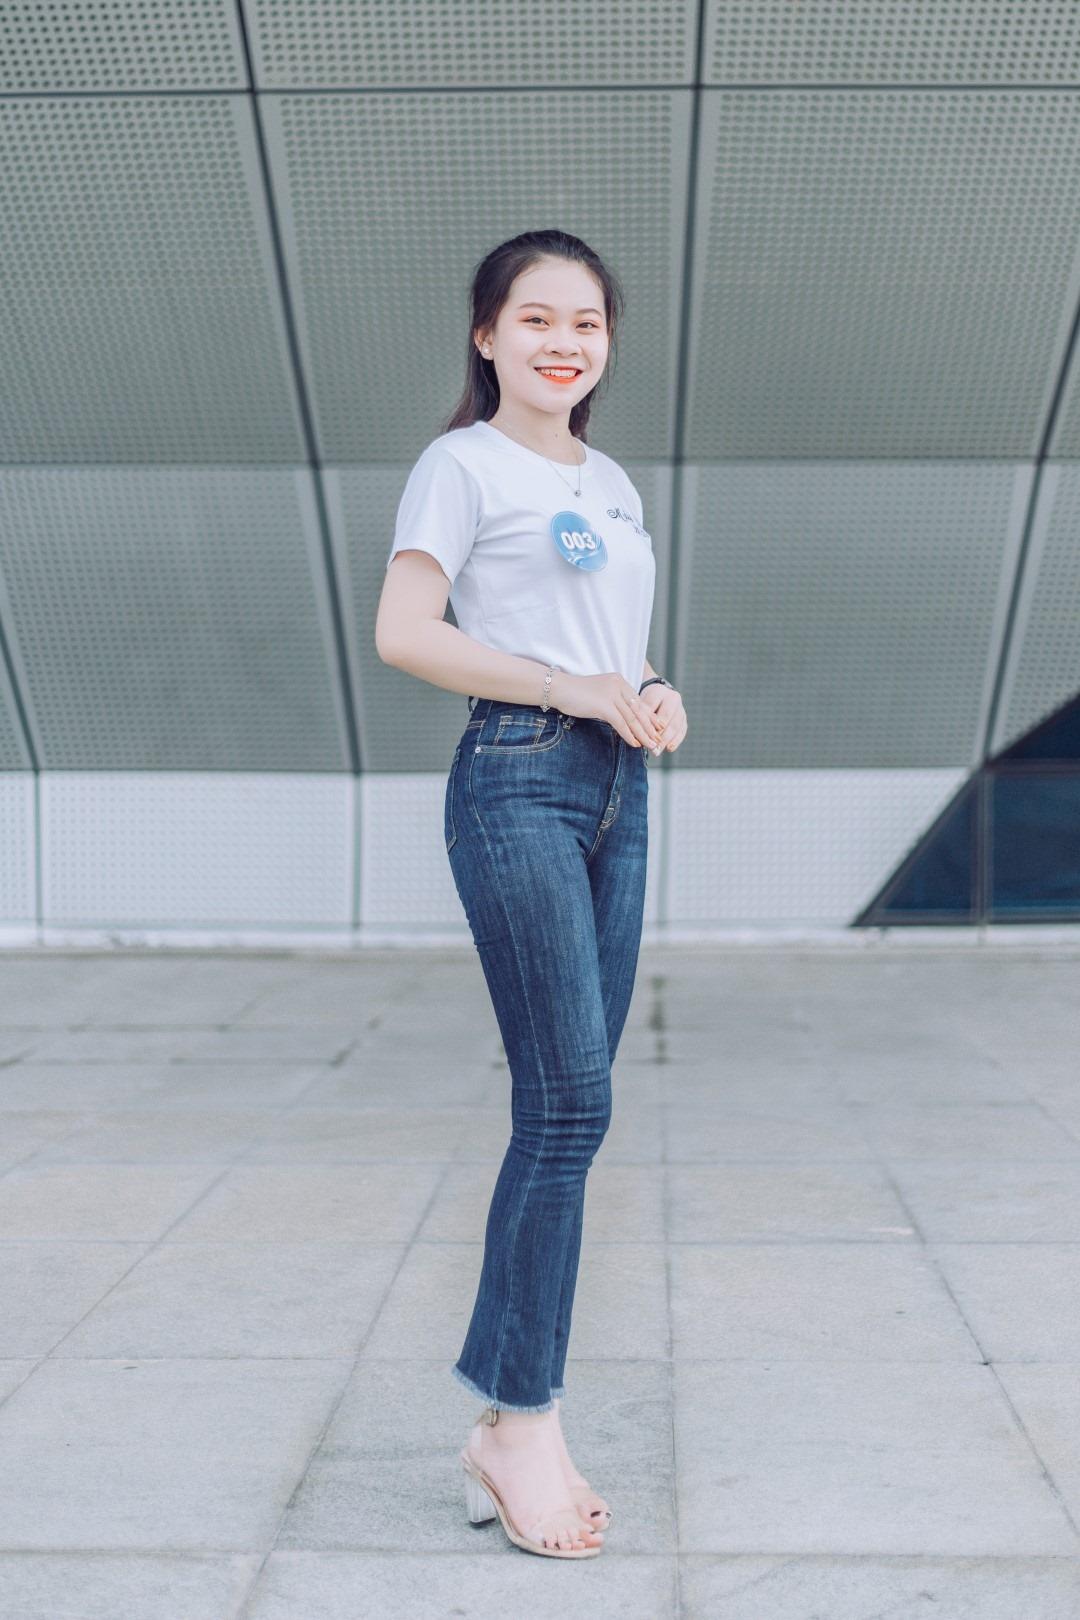 Sở hữu đôi chân dài, thí sinh Lê Ngọc Quỳnh Chi, SBD 003, tự tin sải bước và tạo dáng.